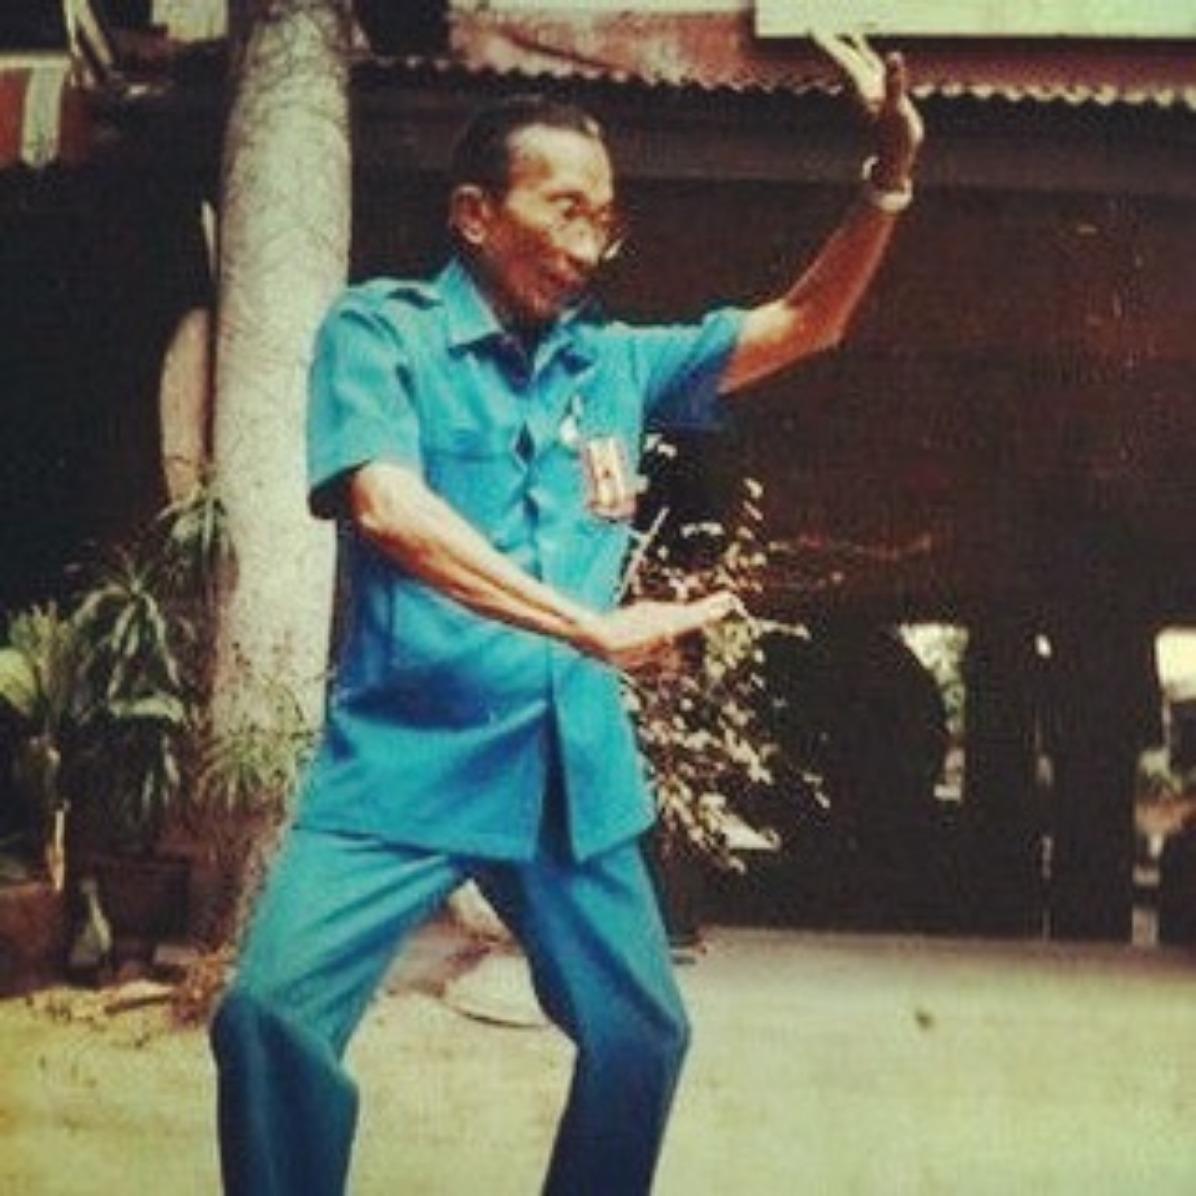 Grand Master, Phaa Khruu Samaii Mesamarn, Buddhai Sawan Sword Fighting Institute